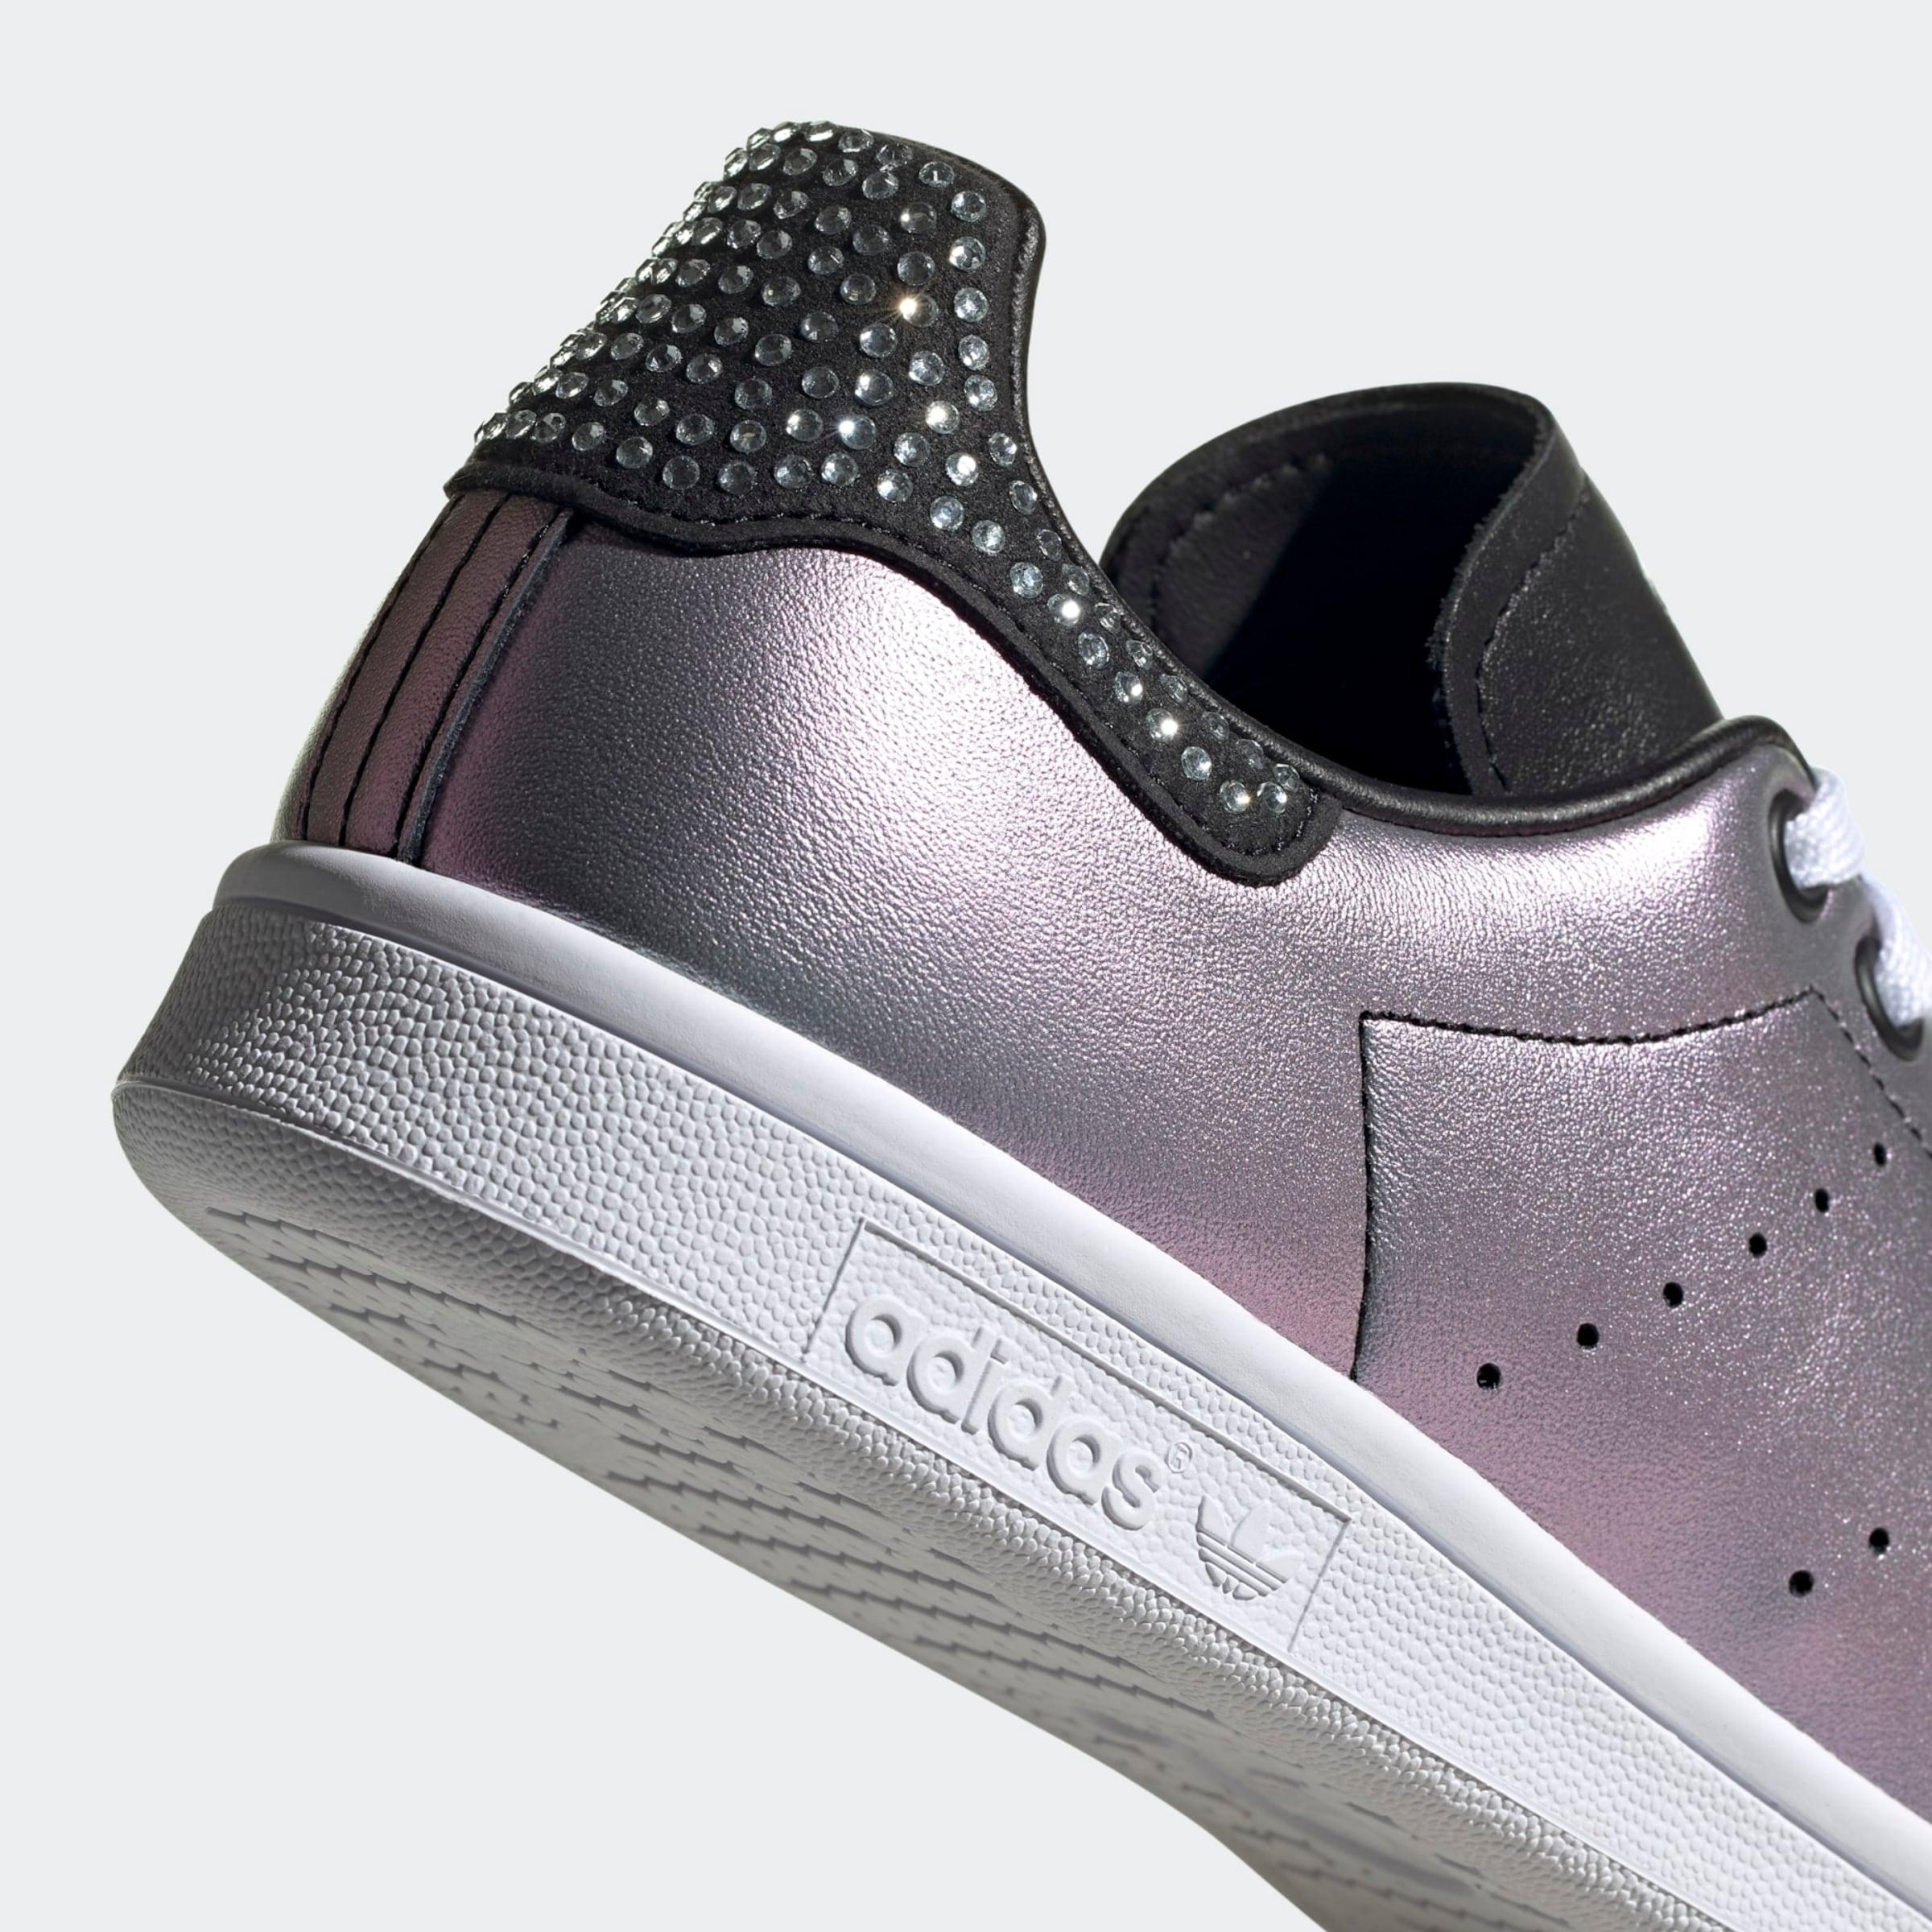 ADIDAS ORIGINALS Rövid szárú edzőcipők 'Stan Smith' ezüst színben